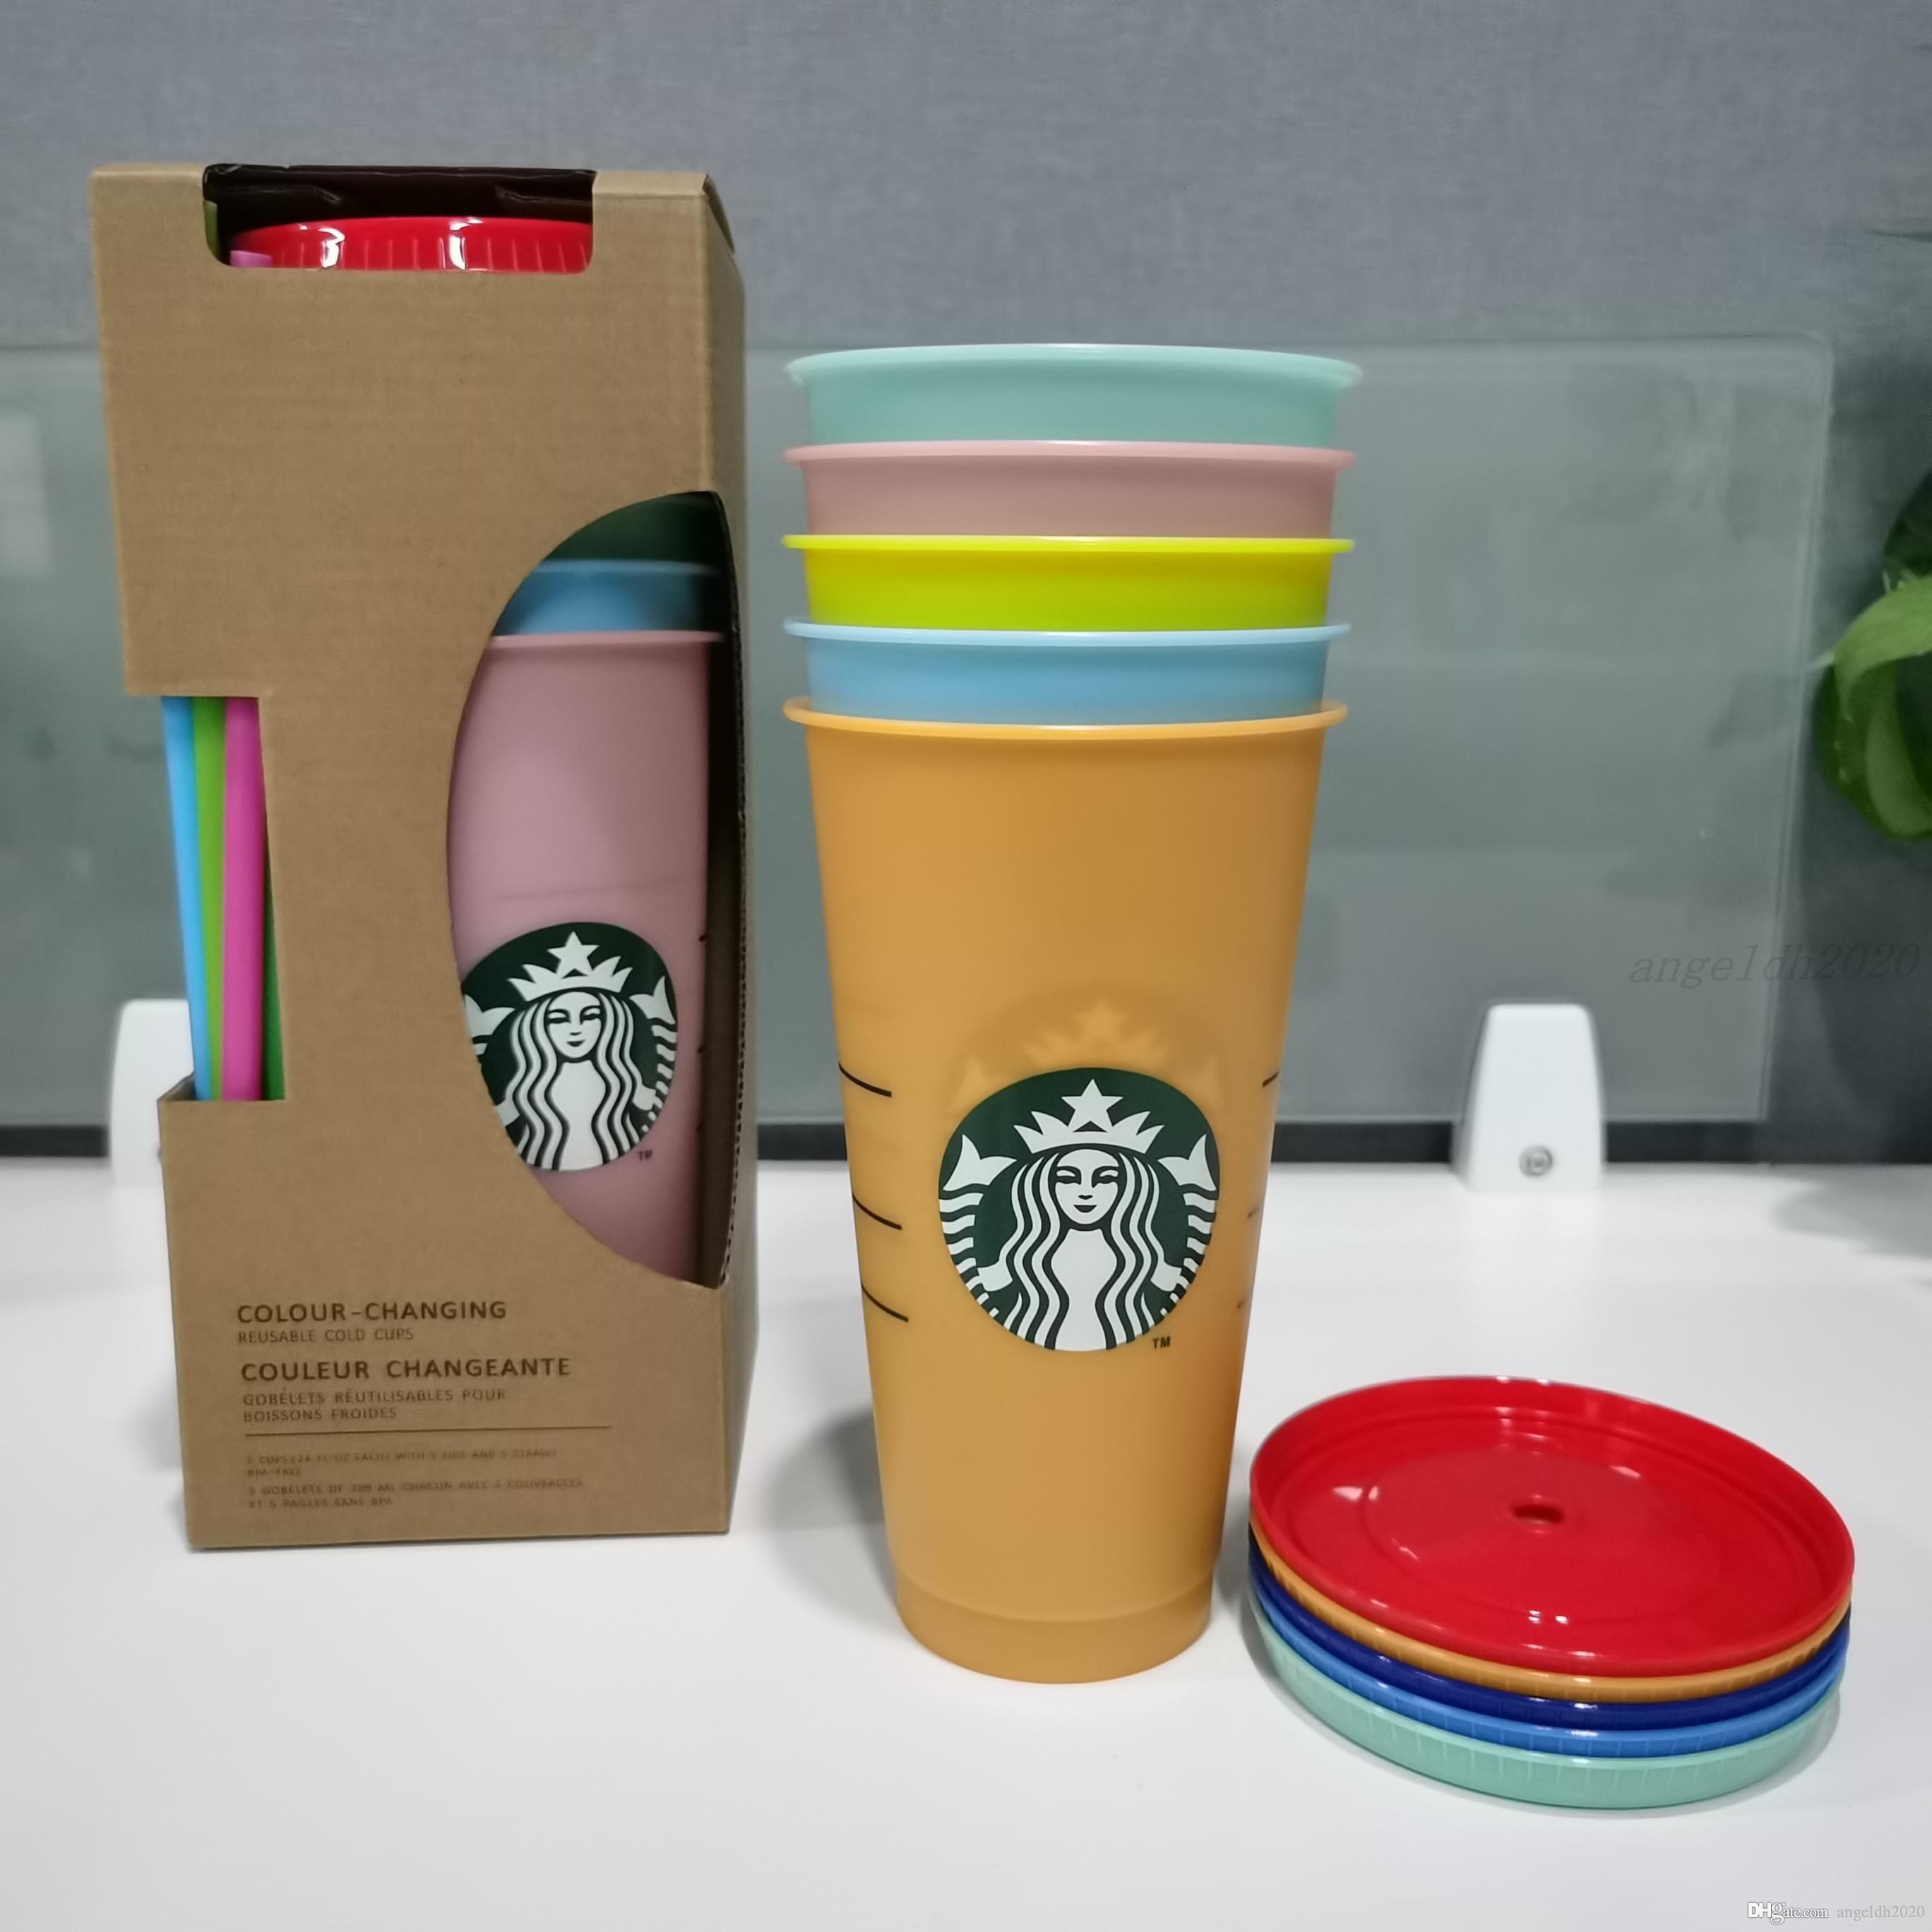 24z / 710ml Tumbler Wiederverwendbare Farbveränderung Trinken Flacher Becher Säulenform Deckel Stroh Becher Starbucks Farbwechsel Plastikschale